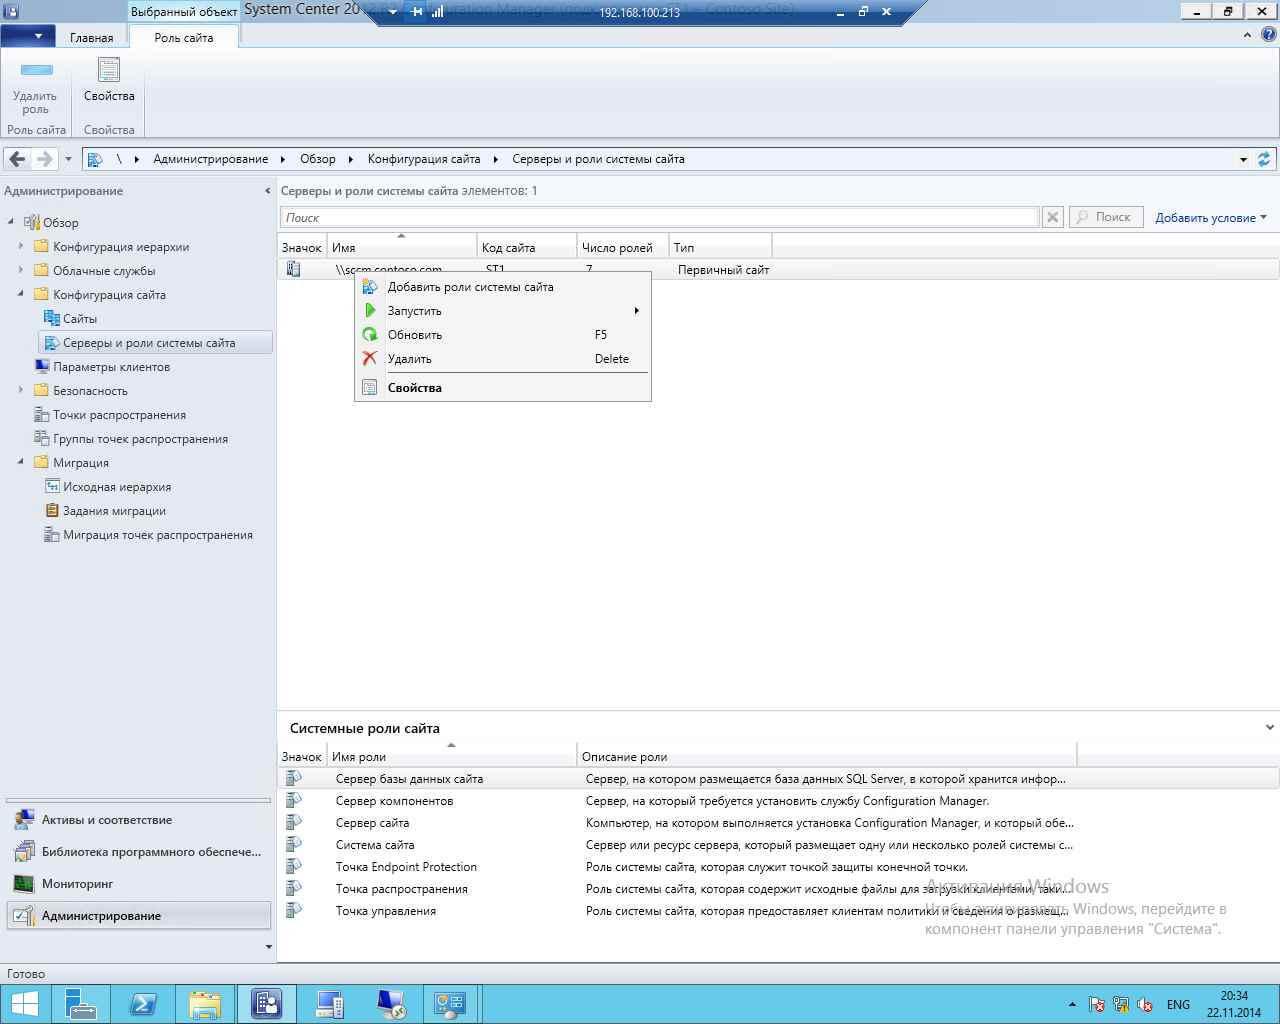 Как установить SCCM (System Center Configuration Manager) 2012R2 в windows server 2012R2 — часть 11. Установка и настройка резервной точки состояния-01